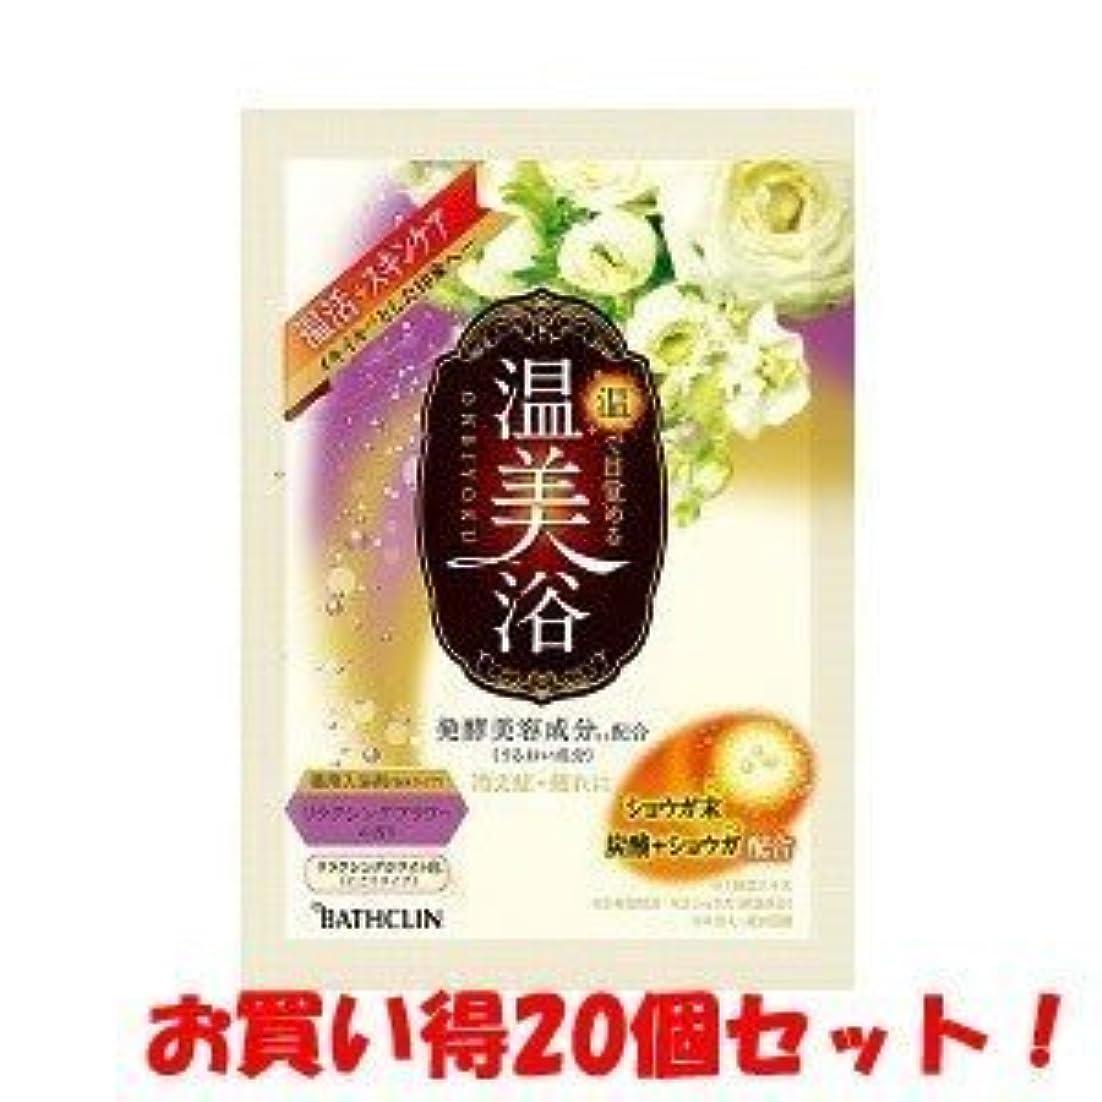 ギャラントリー残高聴衆(バスクリン)温美浴 リラクシングフラワーの香り 40g(医薬部外品)(お買い得20個セット)